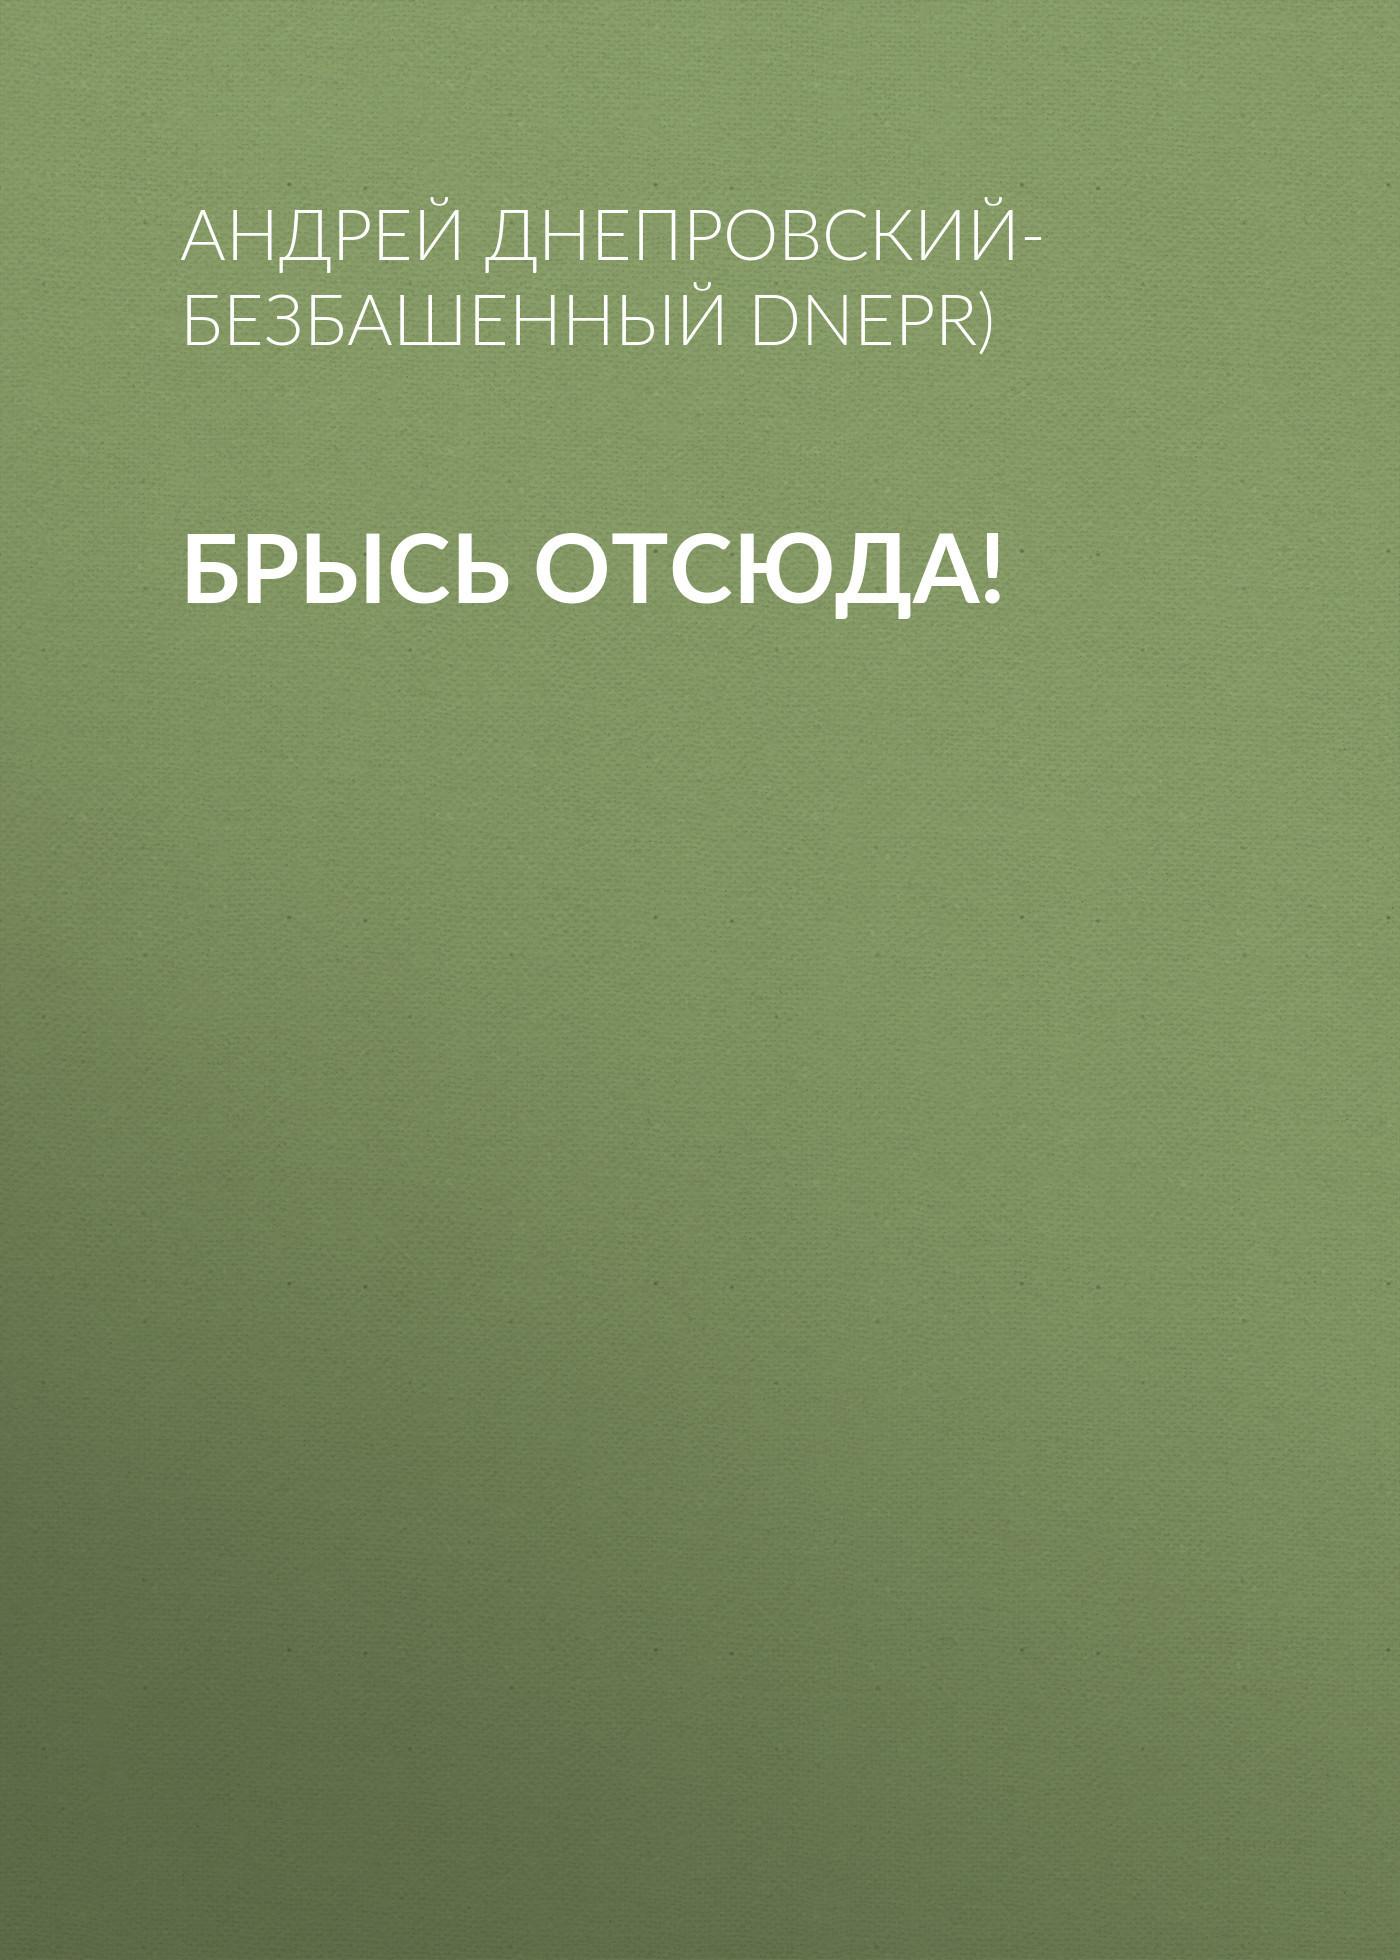 Андрей Днепровский-Безбашенный (A.DNEPR) Брысь отсюда!